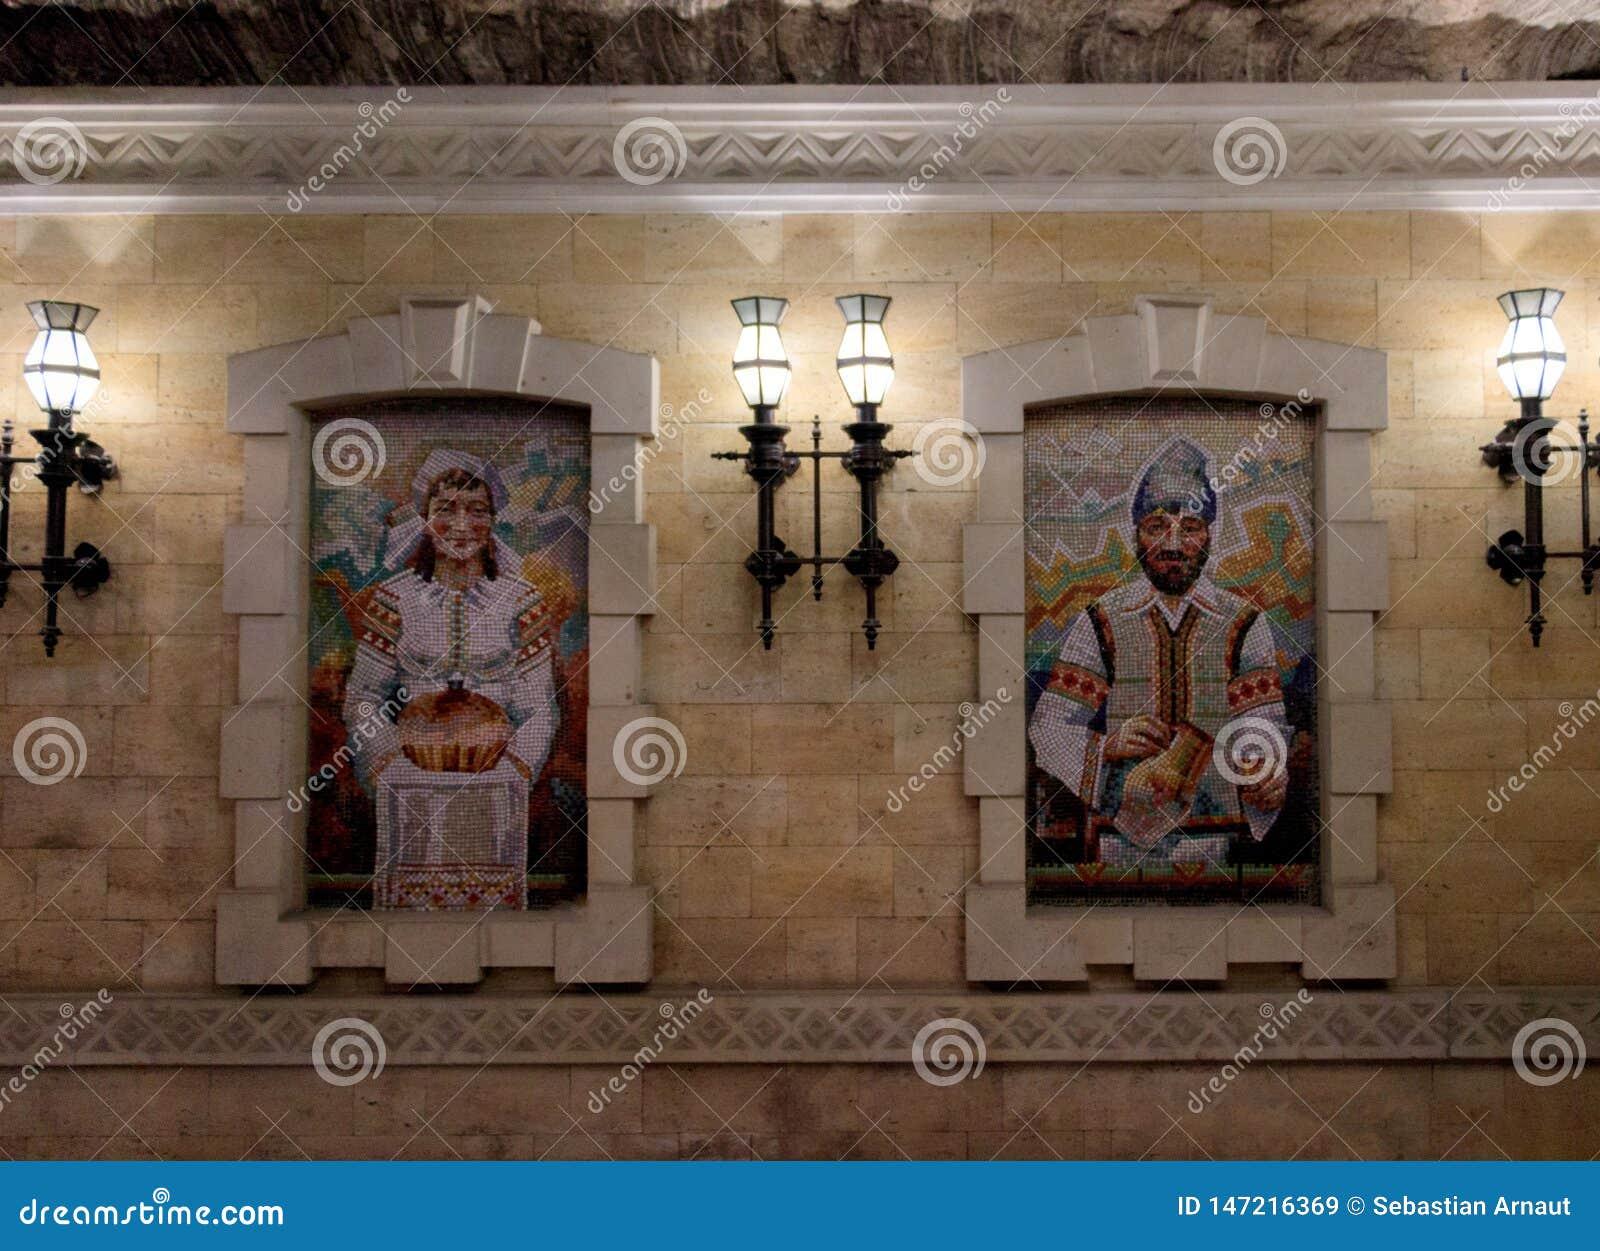 Картина мозаики человека и женщины одетых в традиционных молдавских костюмах